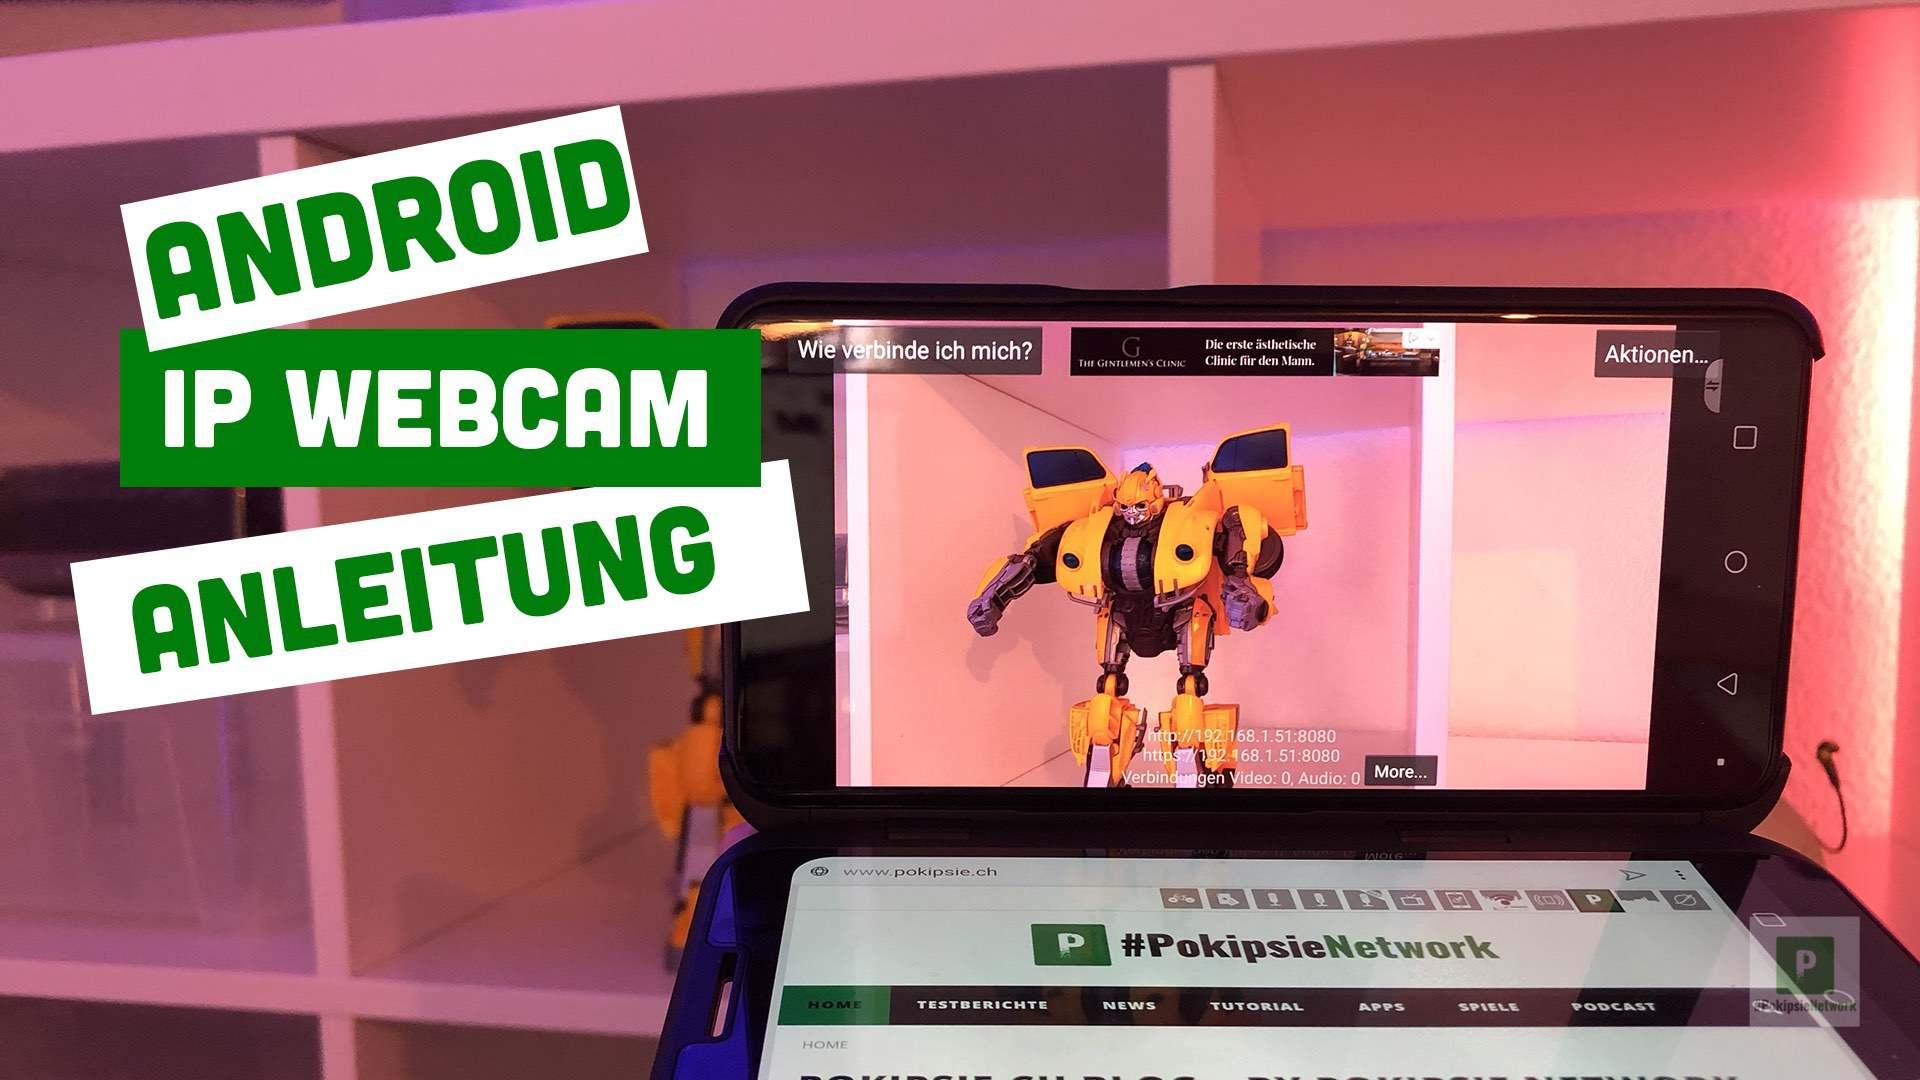 IP Webcam: Android-App macht aus Smartphone Überwachungskamera